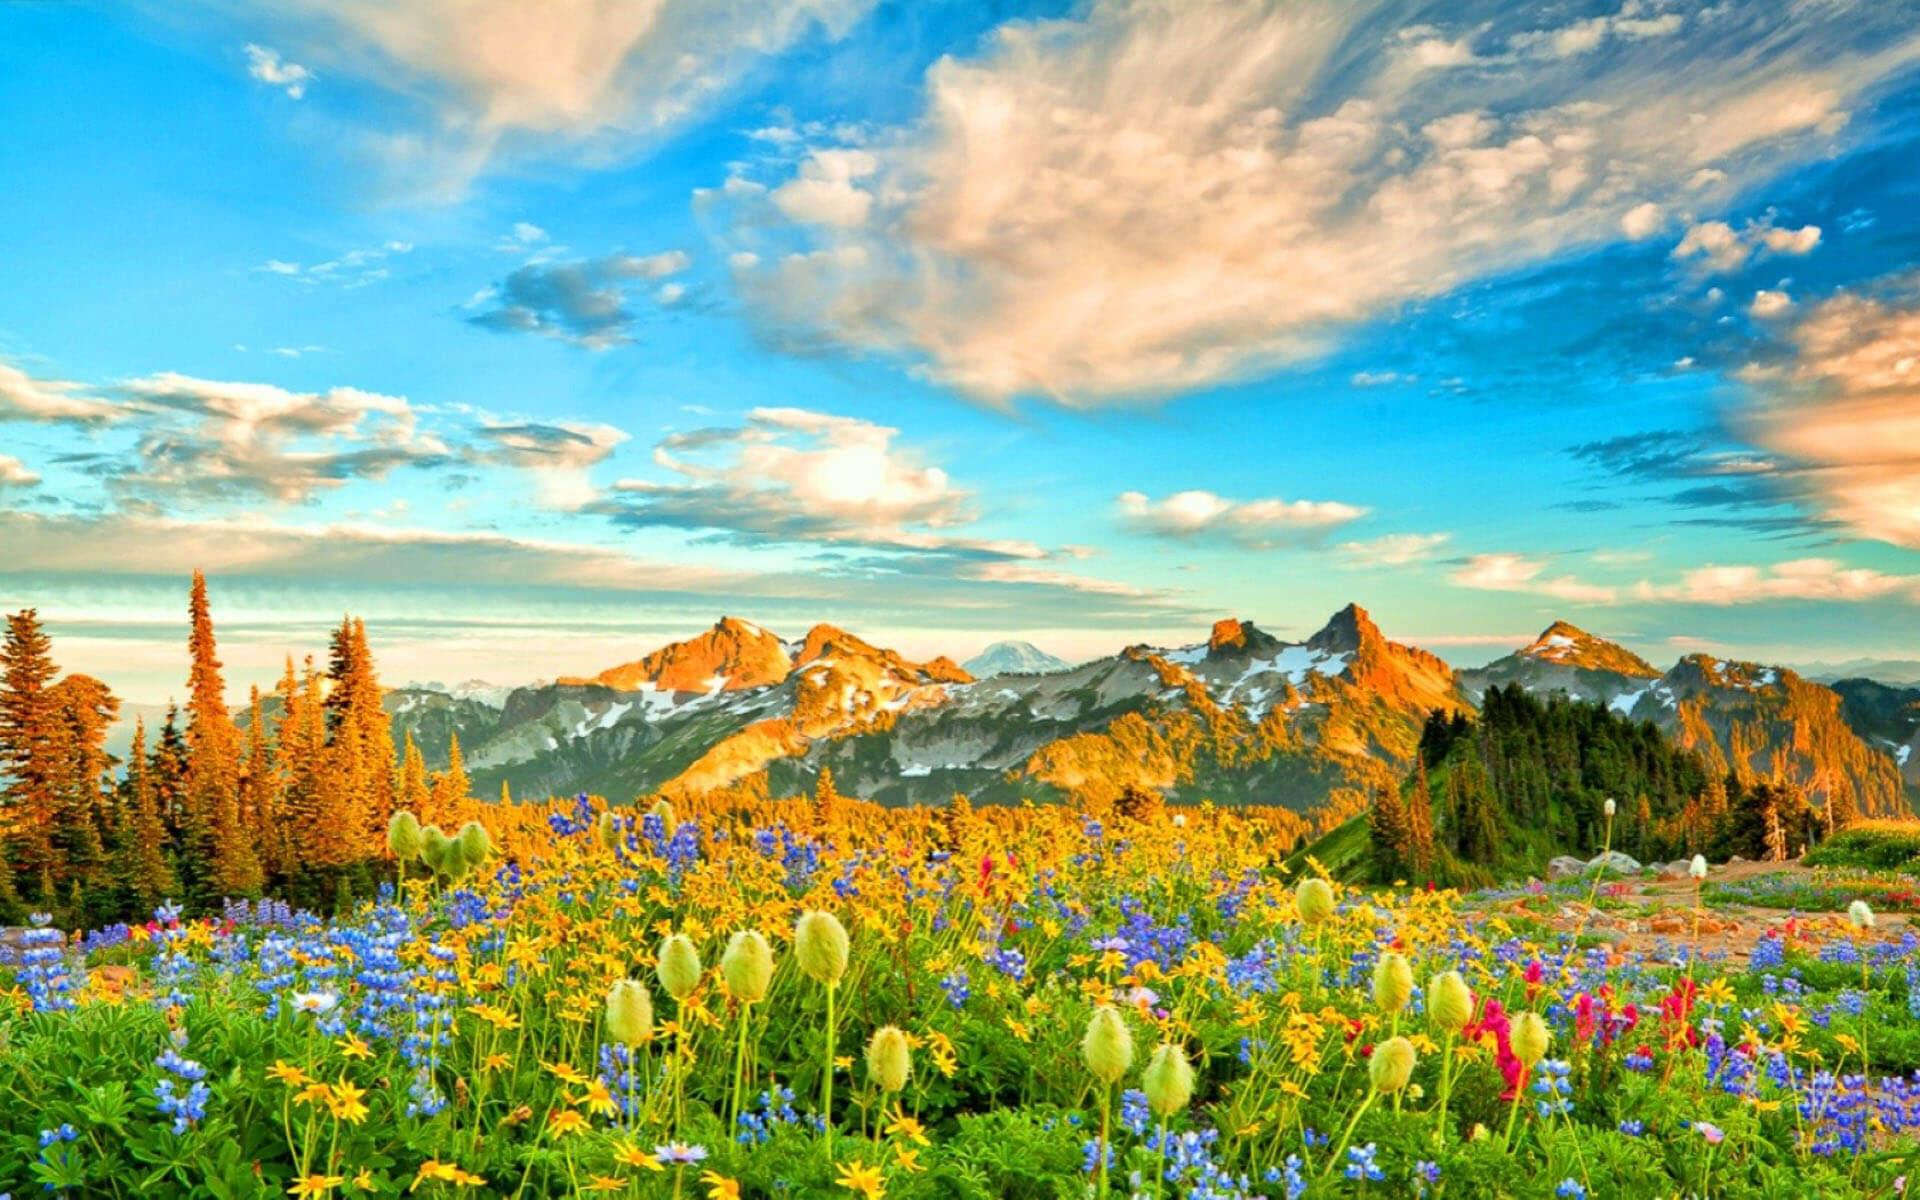 hình ảnh và hình nền thiên nhiên mùa xuân lung linh sắc hoa số 31